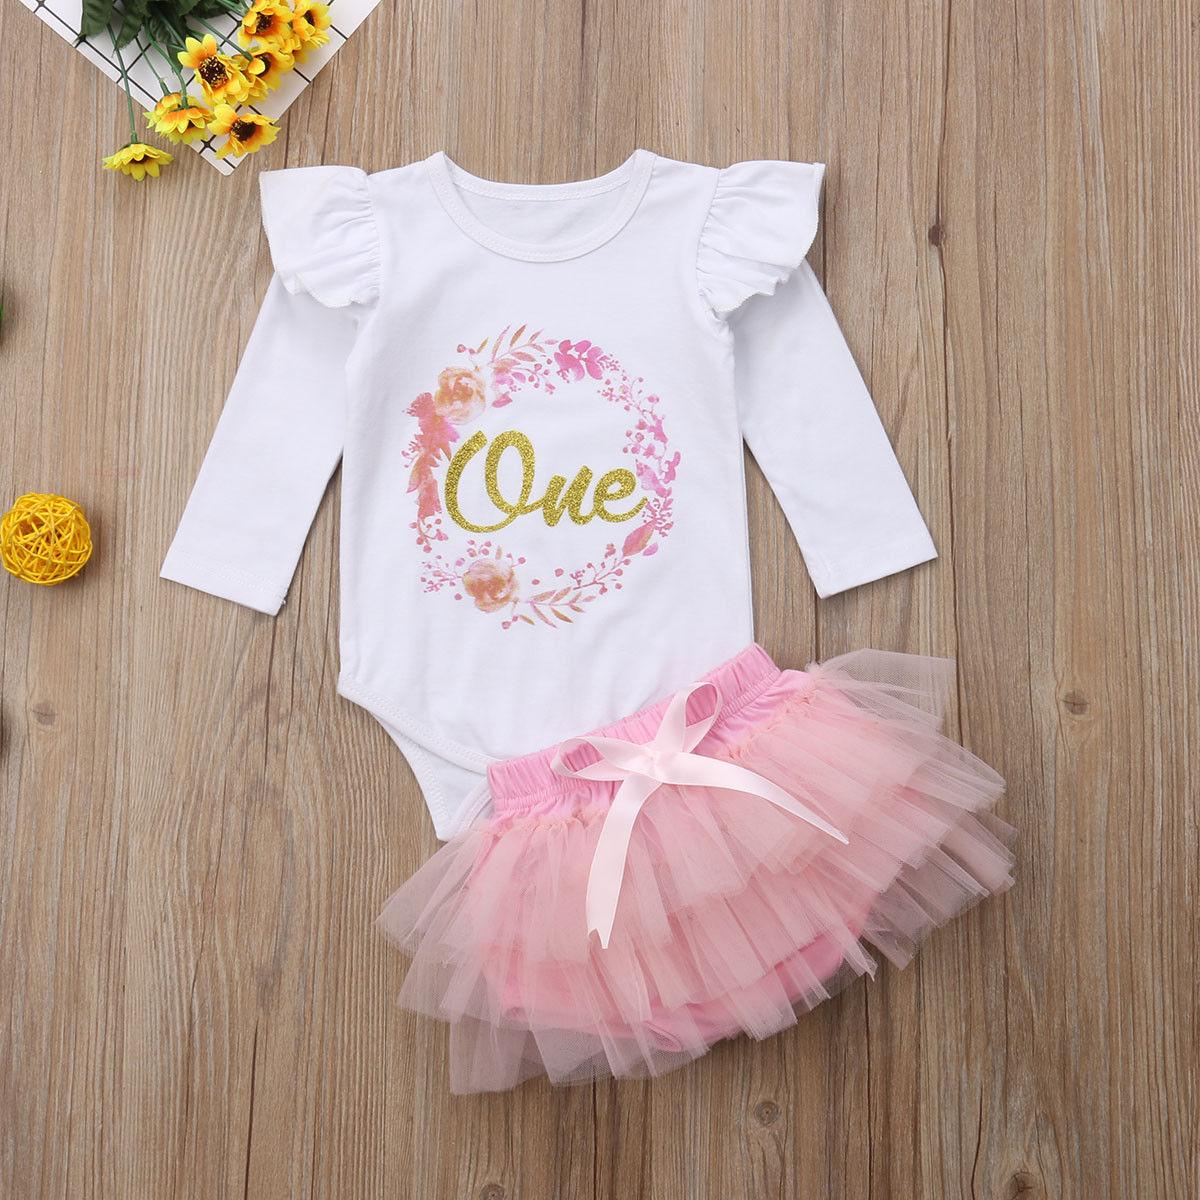 Cute Newborn Baby Girls Birthday Unicorn Romper Tutu Skirt Party Dress Outfits